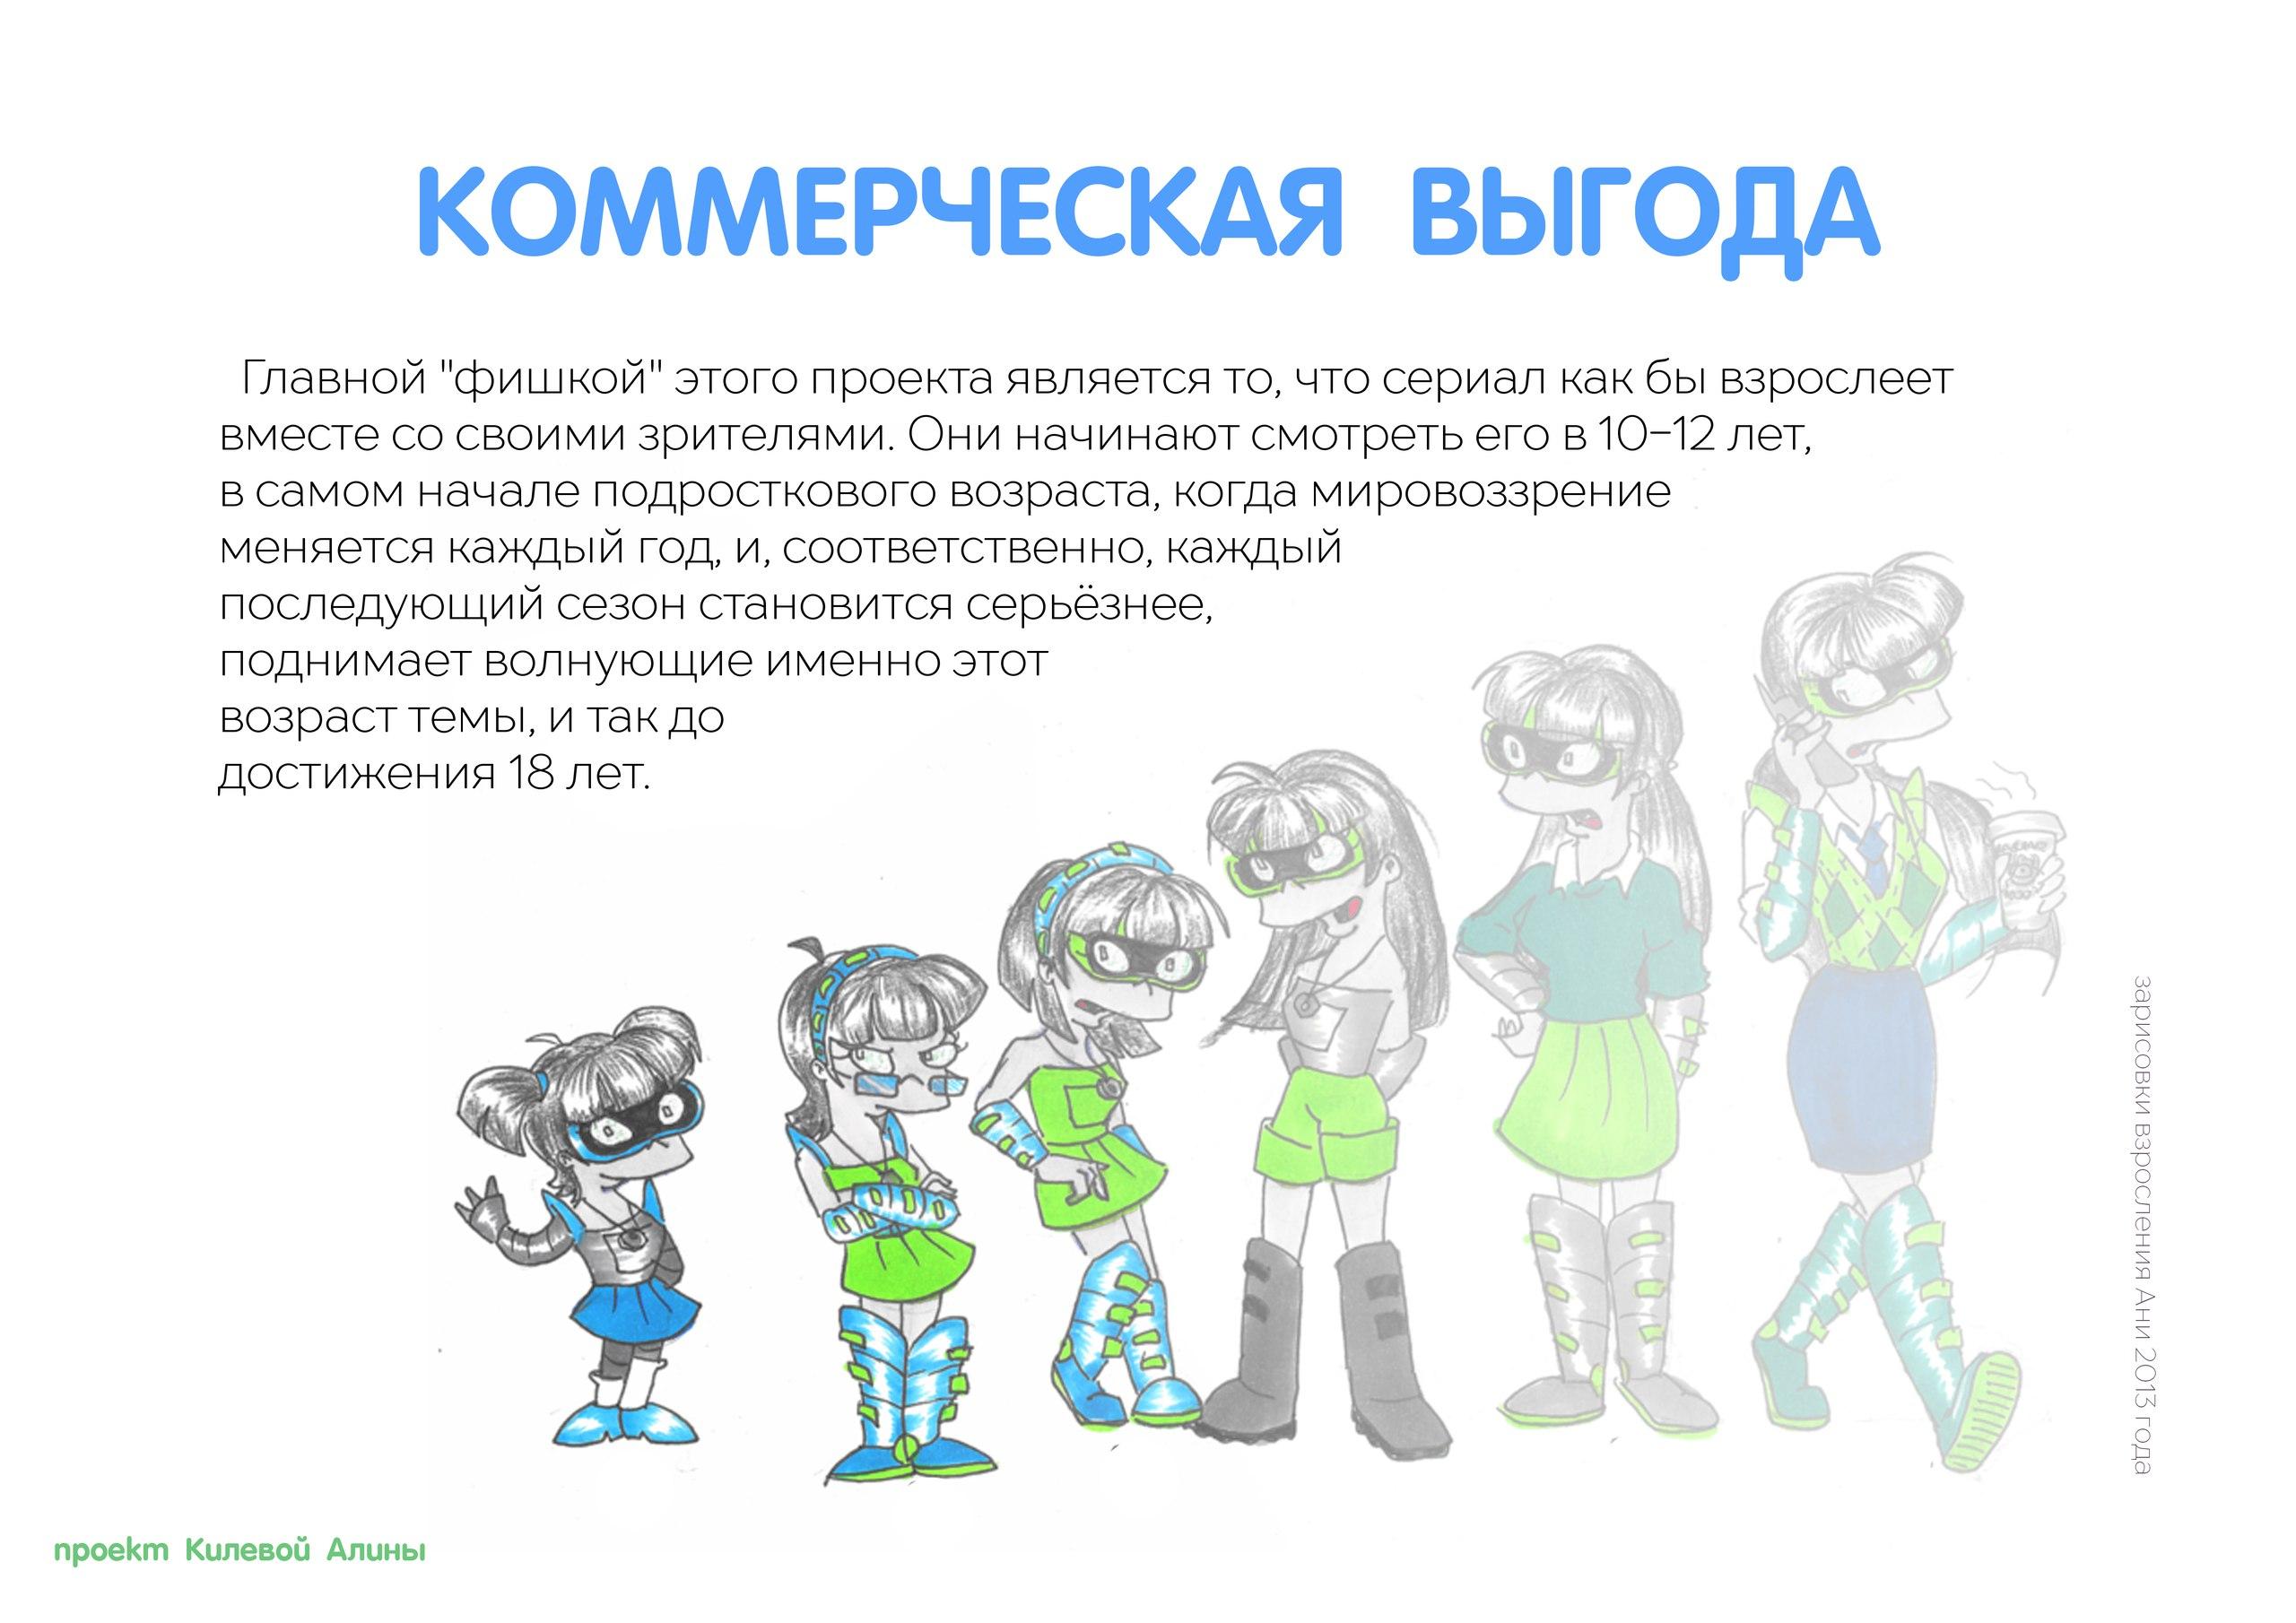 https://pp.userapi.com/c623900/v623900670/3e3ff/bKfnNcbGP_k.jpg